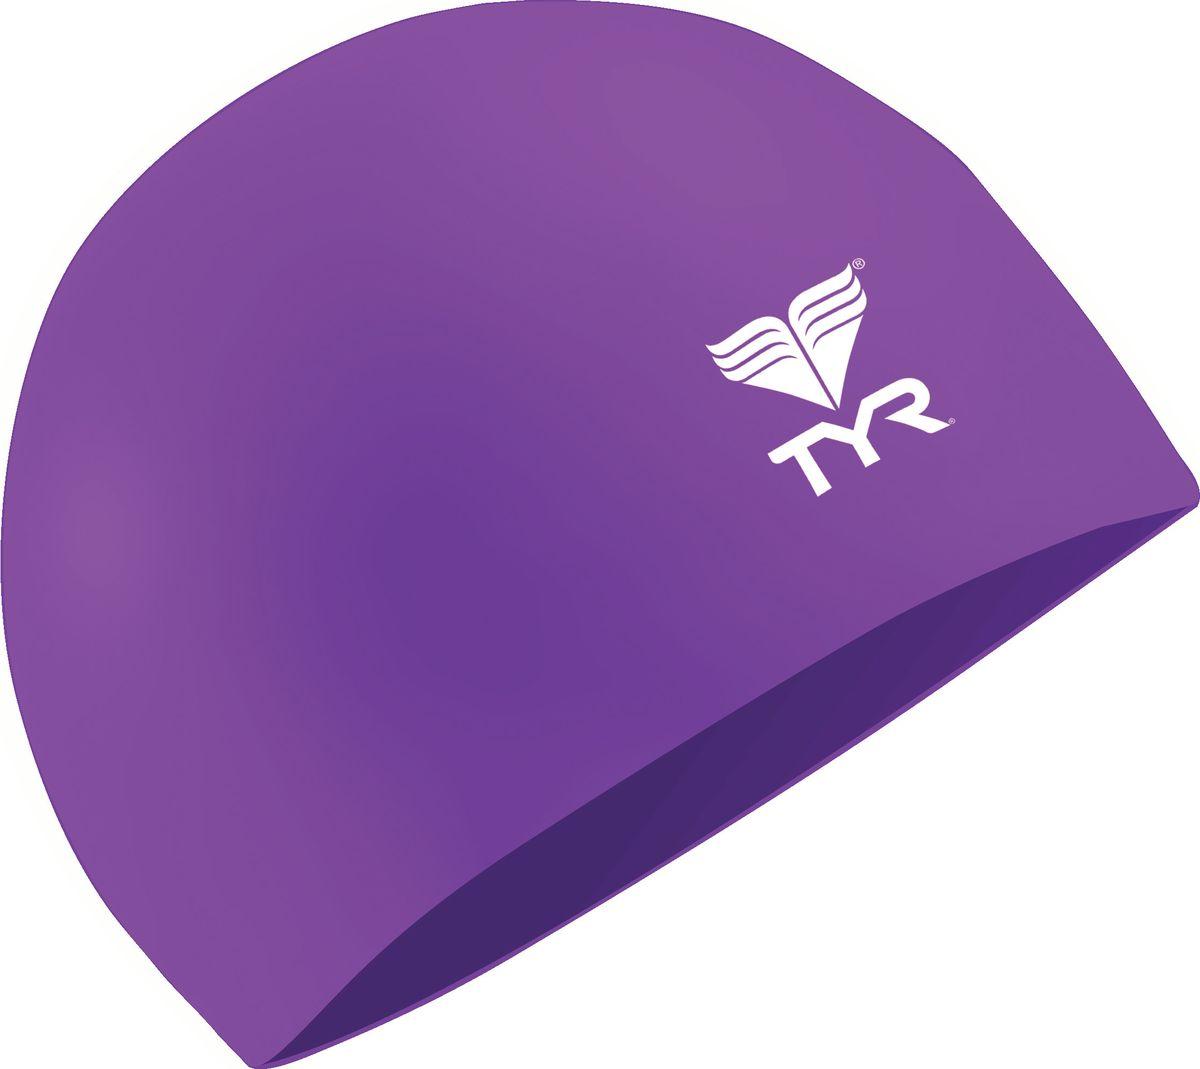 Шапочка для плавания Tyr Latex Swim Cap, цвет: фиолетовый. LCLLCLШапочка TYR Latex - изготовлена из высококачественного латекса. Прочный, мягкий материал приятный на ощупь. Очень удобная модель для посещения тренировок в бассейне. Благодаря своей эластичности не давит на голову.